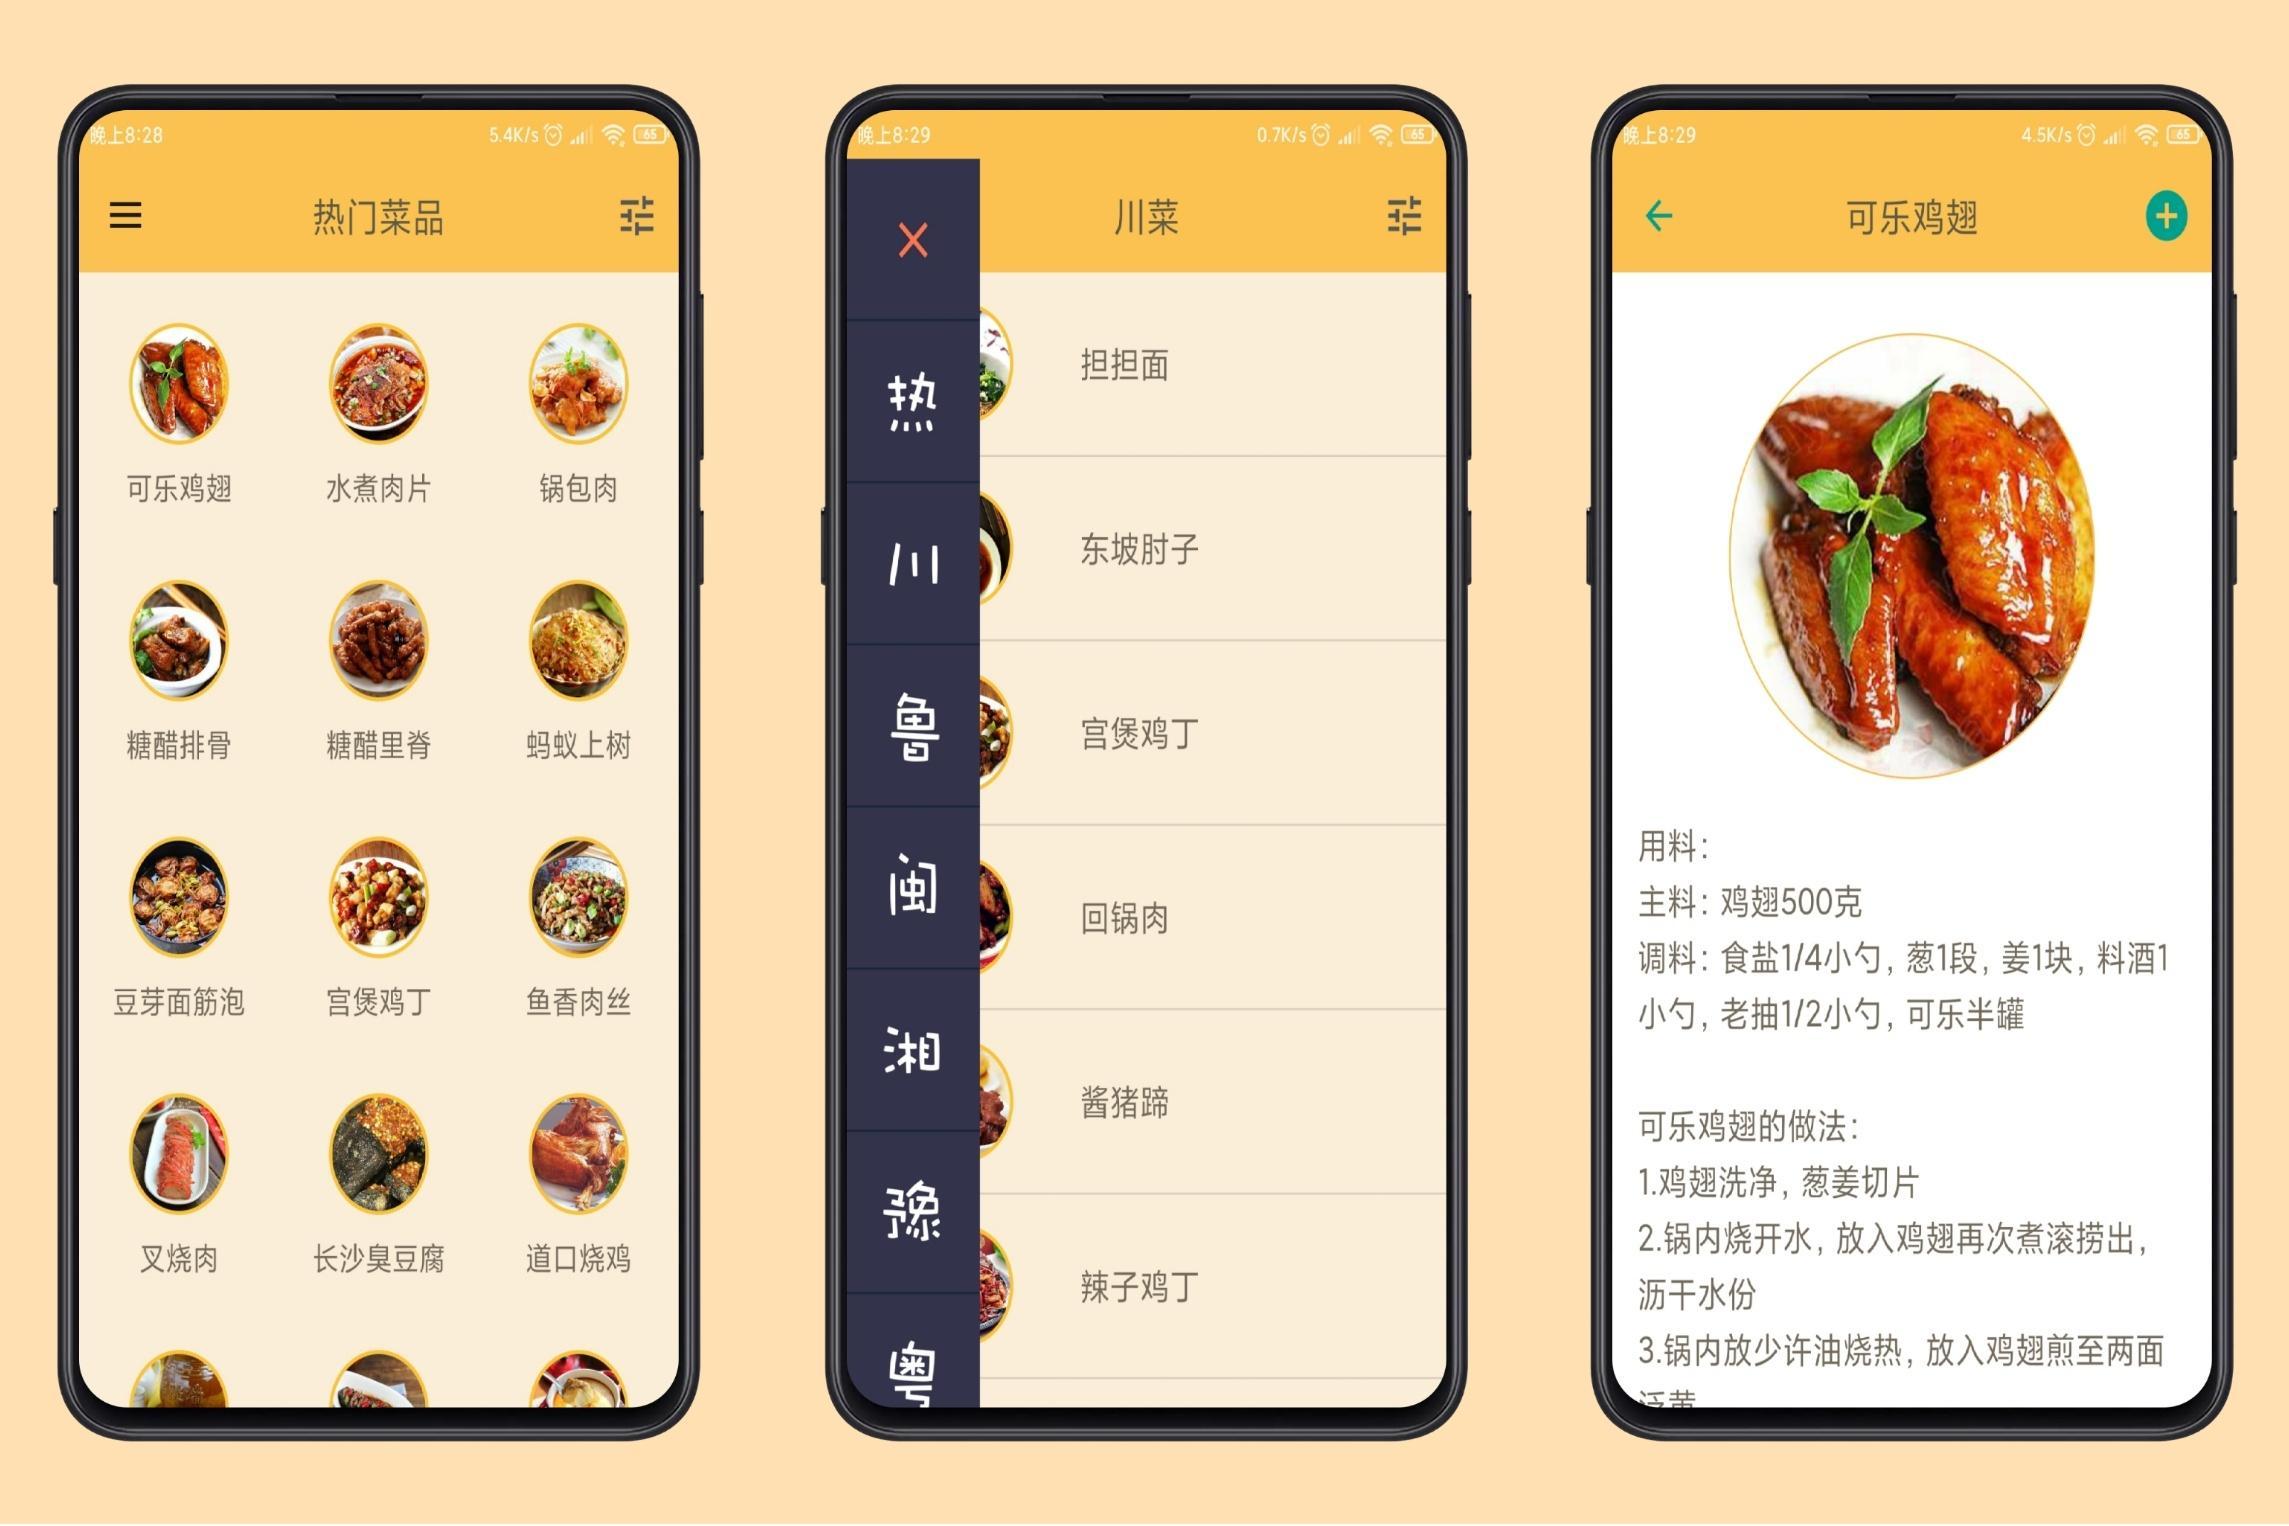 中华美食谱优化版截图1